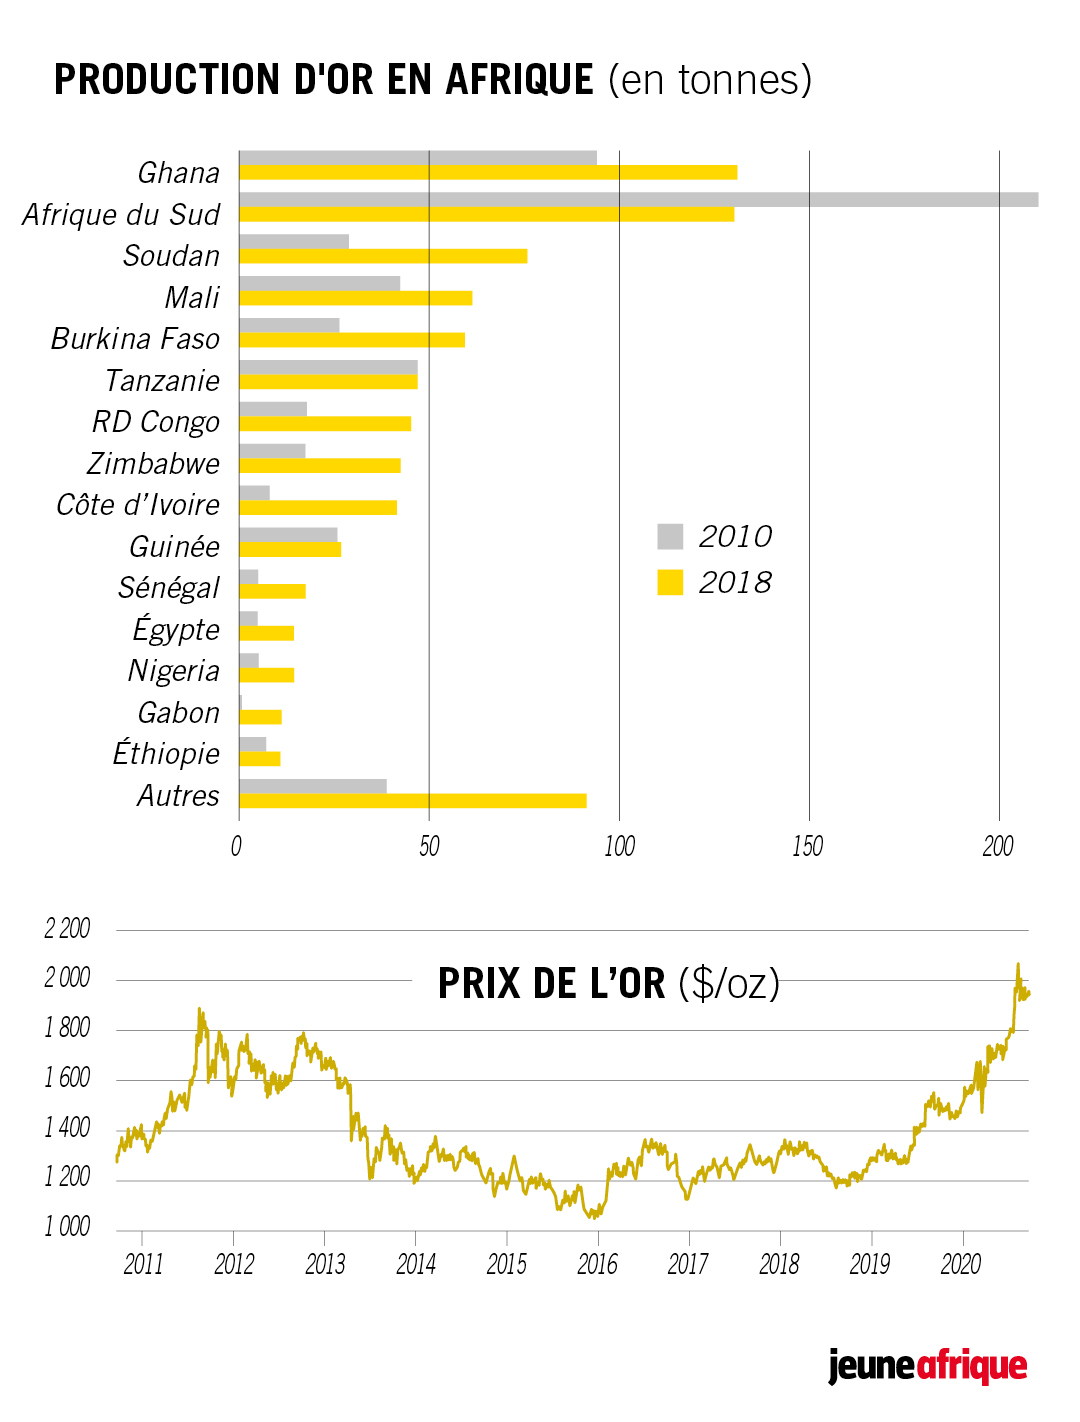 Production d'or africaine et cours de l'or